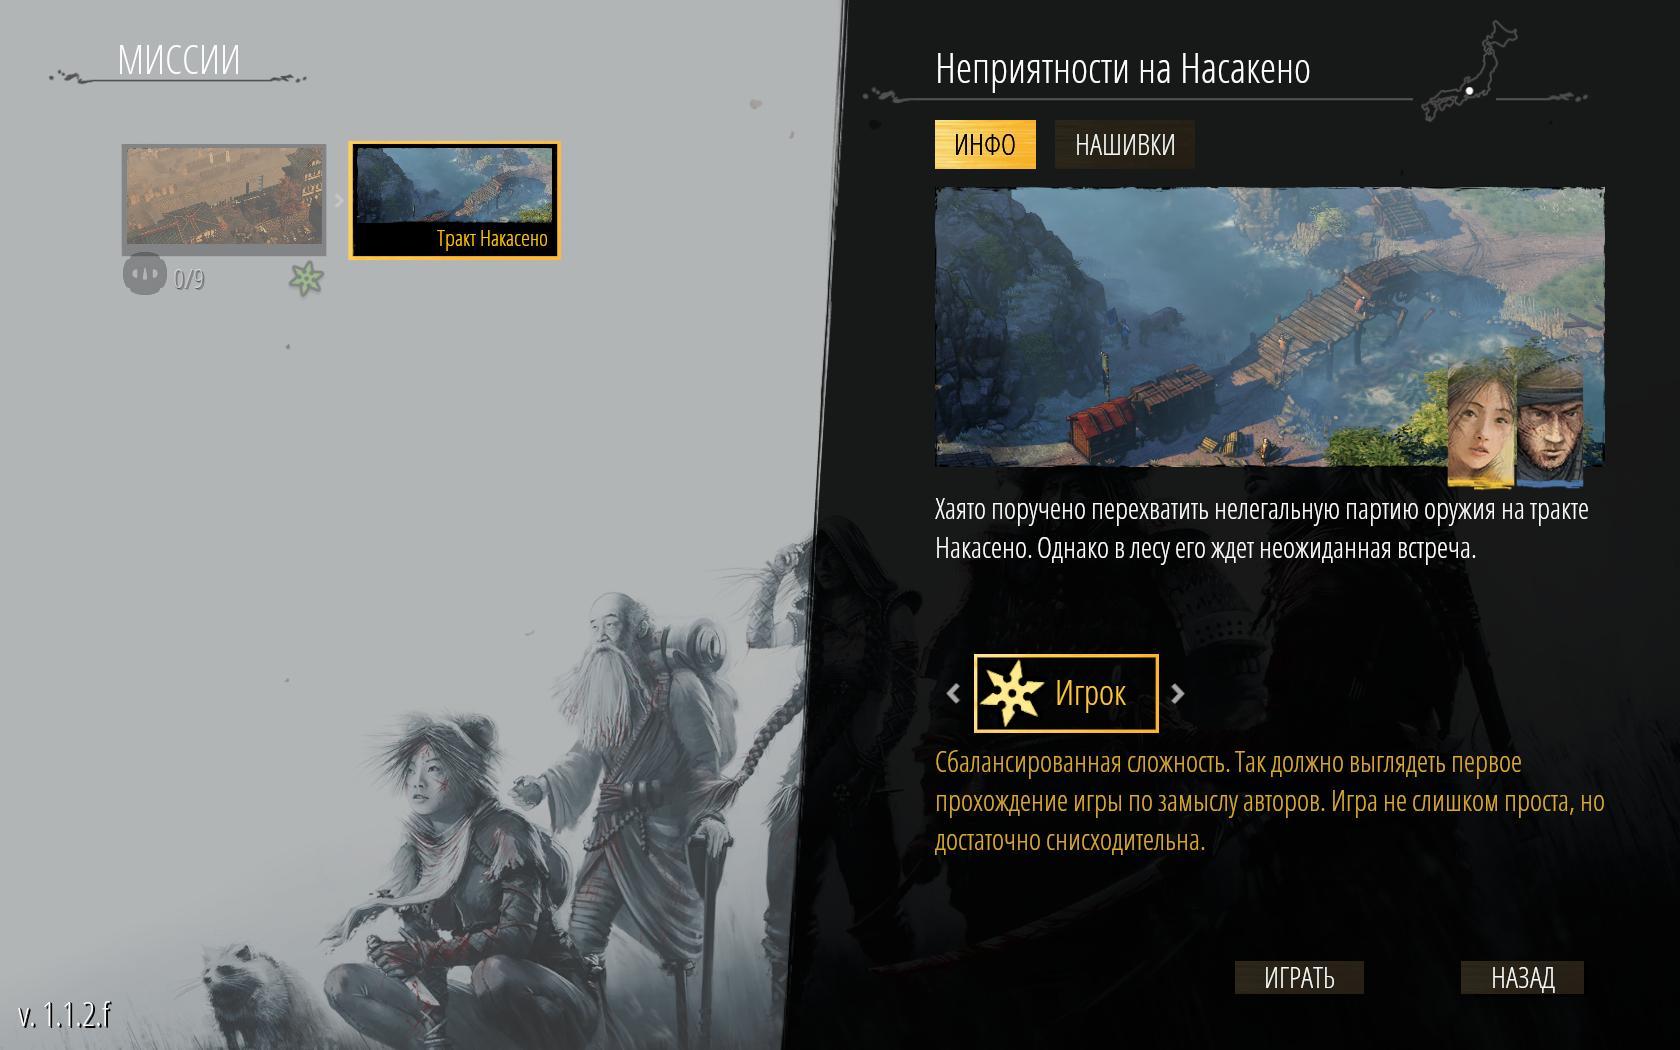 Перед началом каждого уровня можно менять сложность игры.